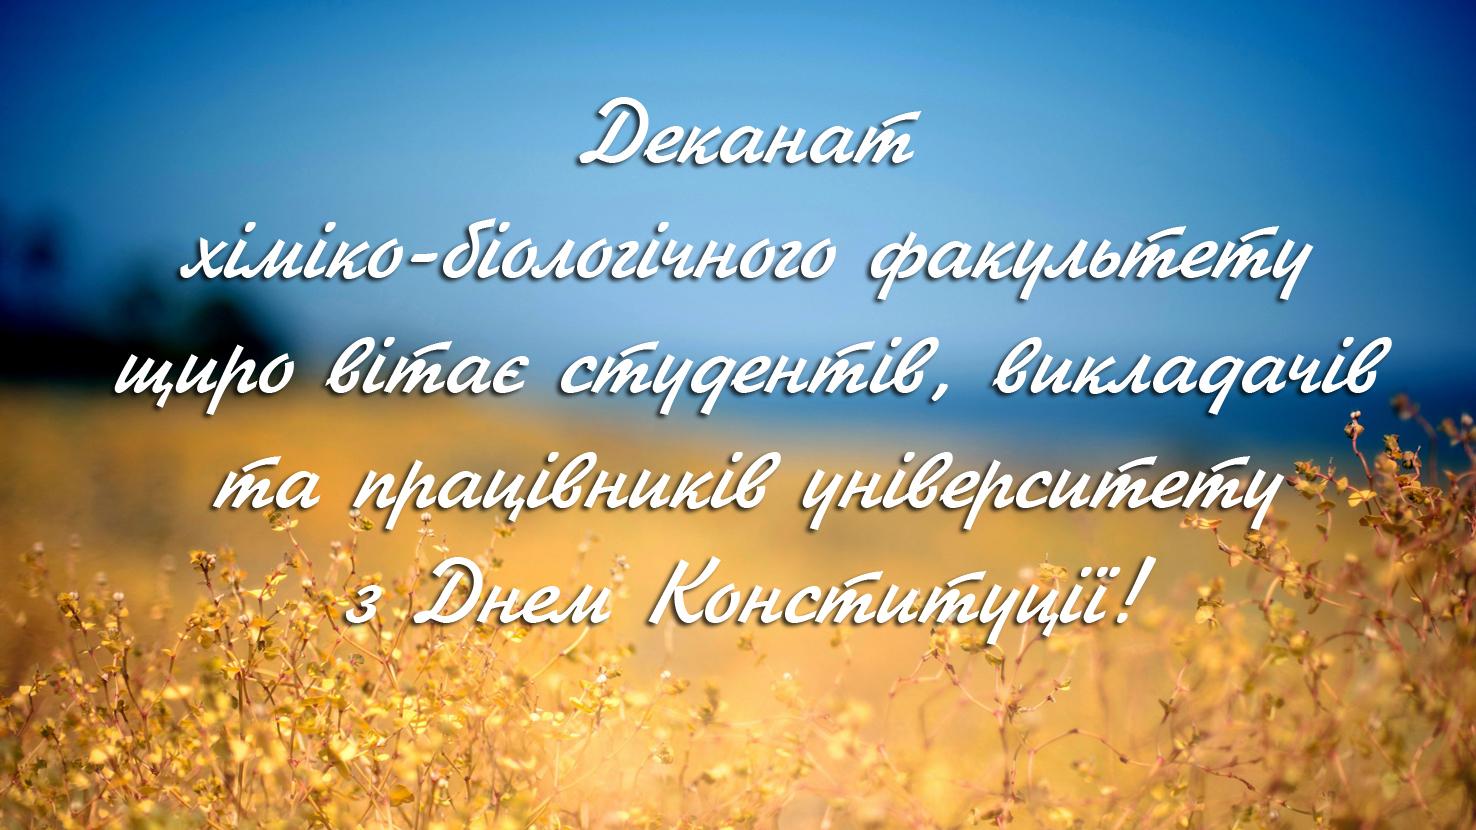 Вітання хіміко-біологічного факультету з Днем Конституції України!